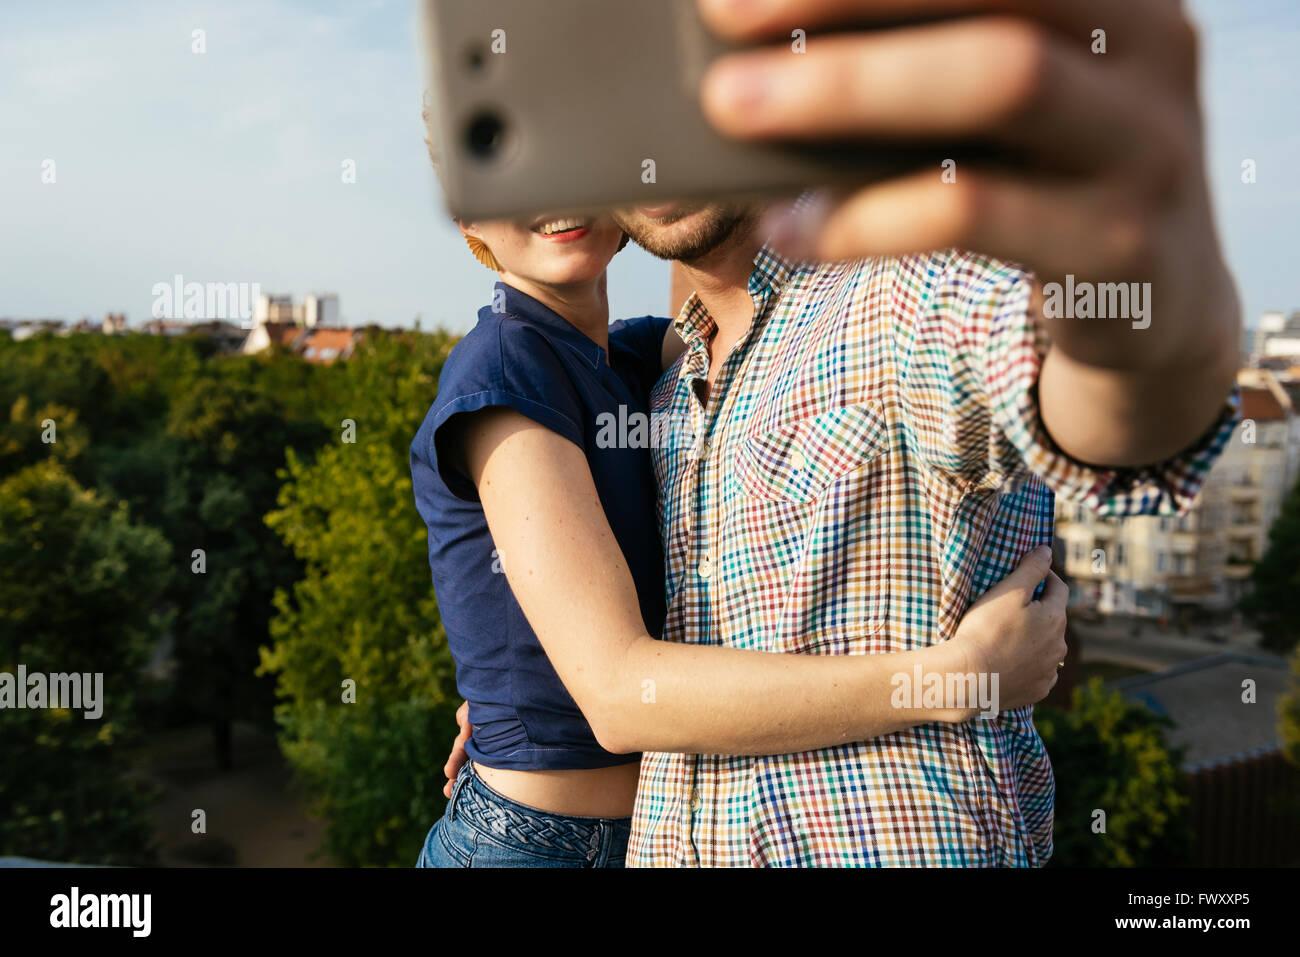 Alemanha, Berlim, jovem casal abraçando e tendo selfie com telefone smart Imagens de Stock